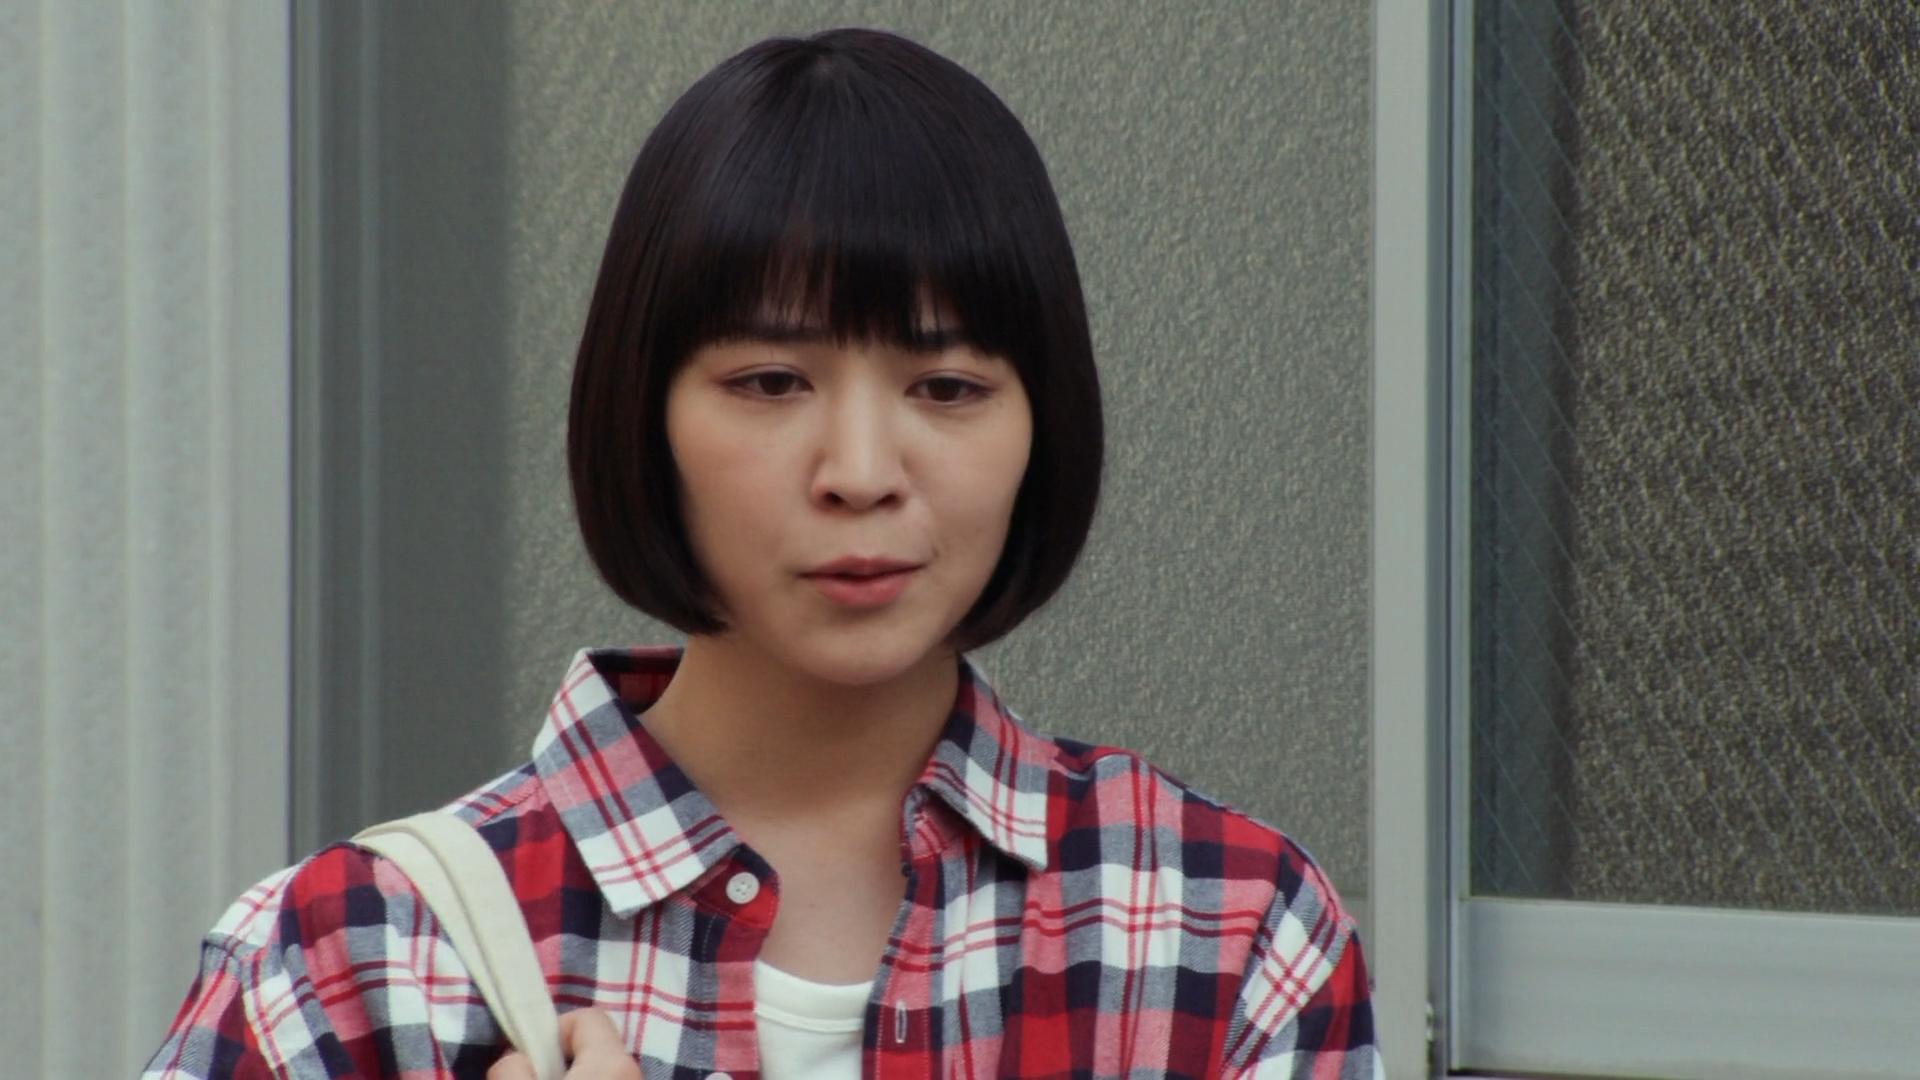 Shiori Okada